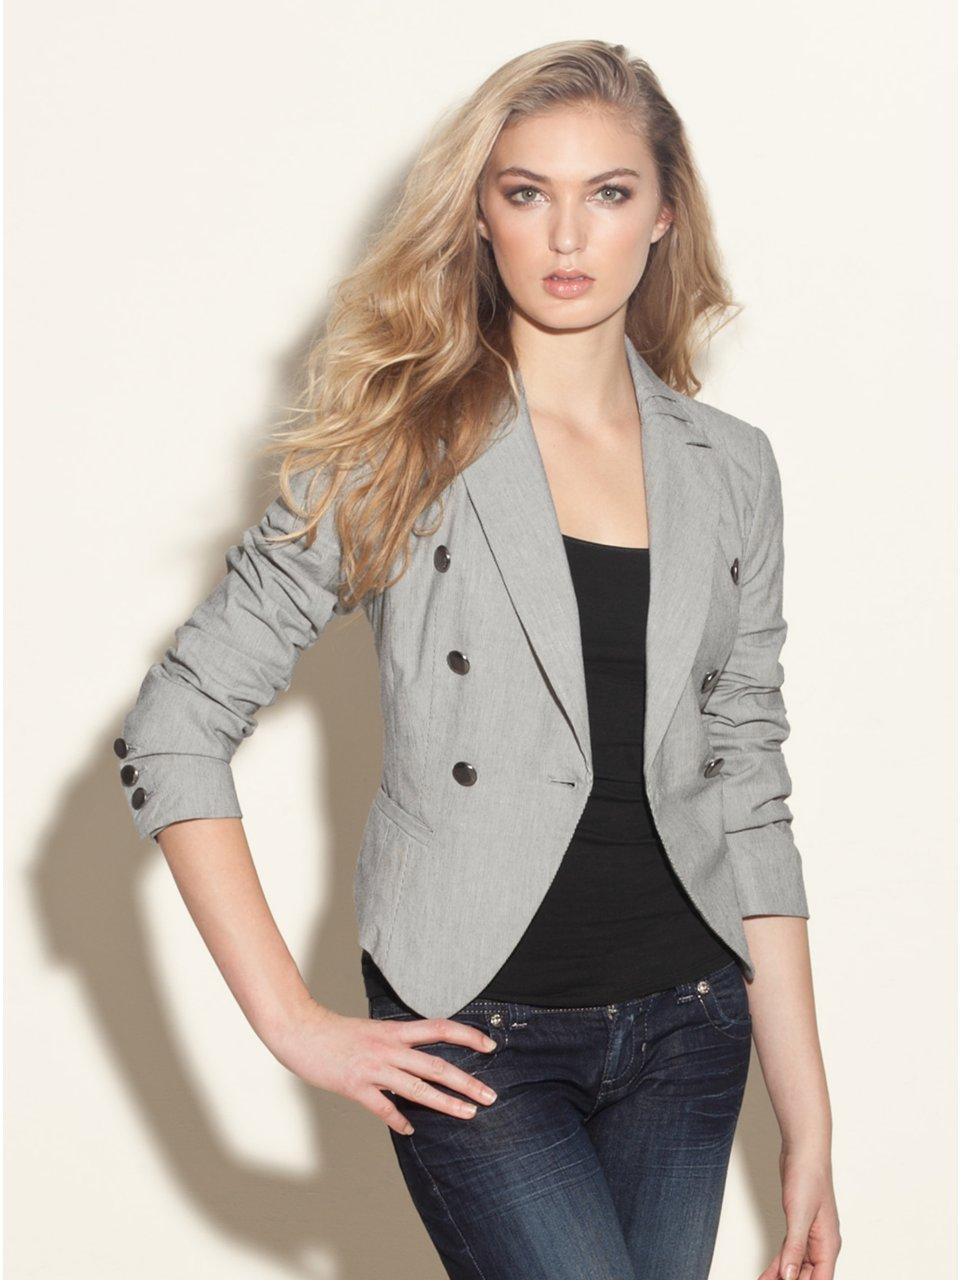 Adriana's Picks: Spring Jackets 2012